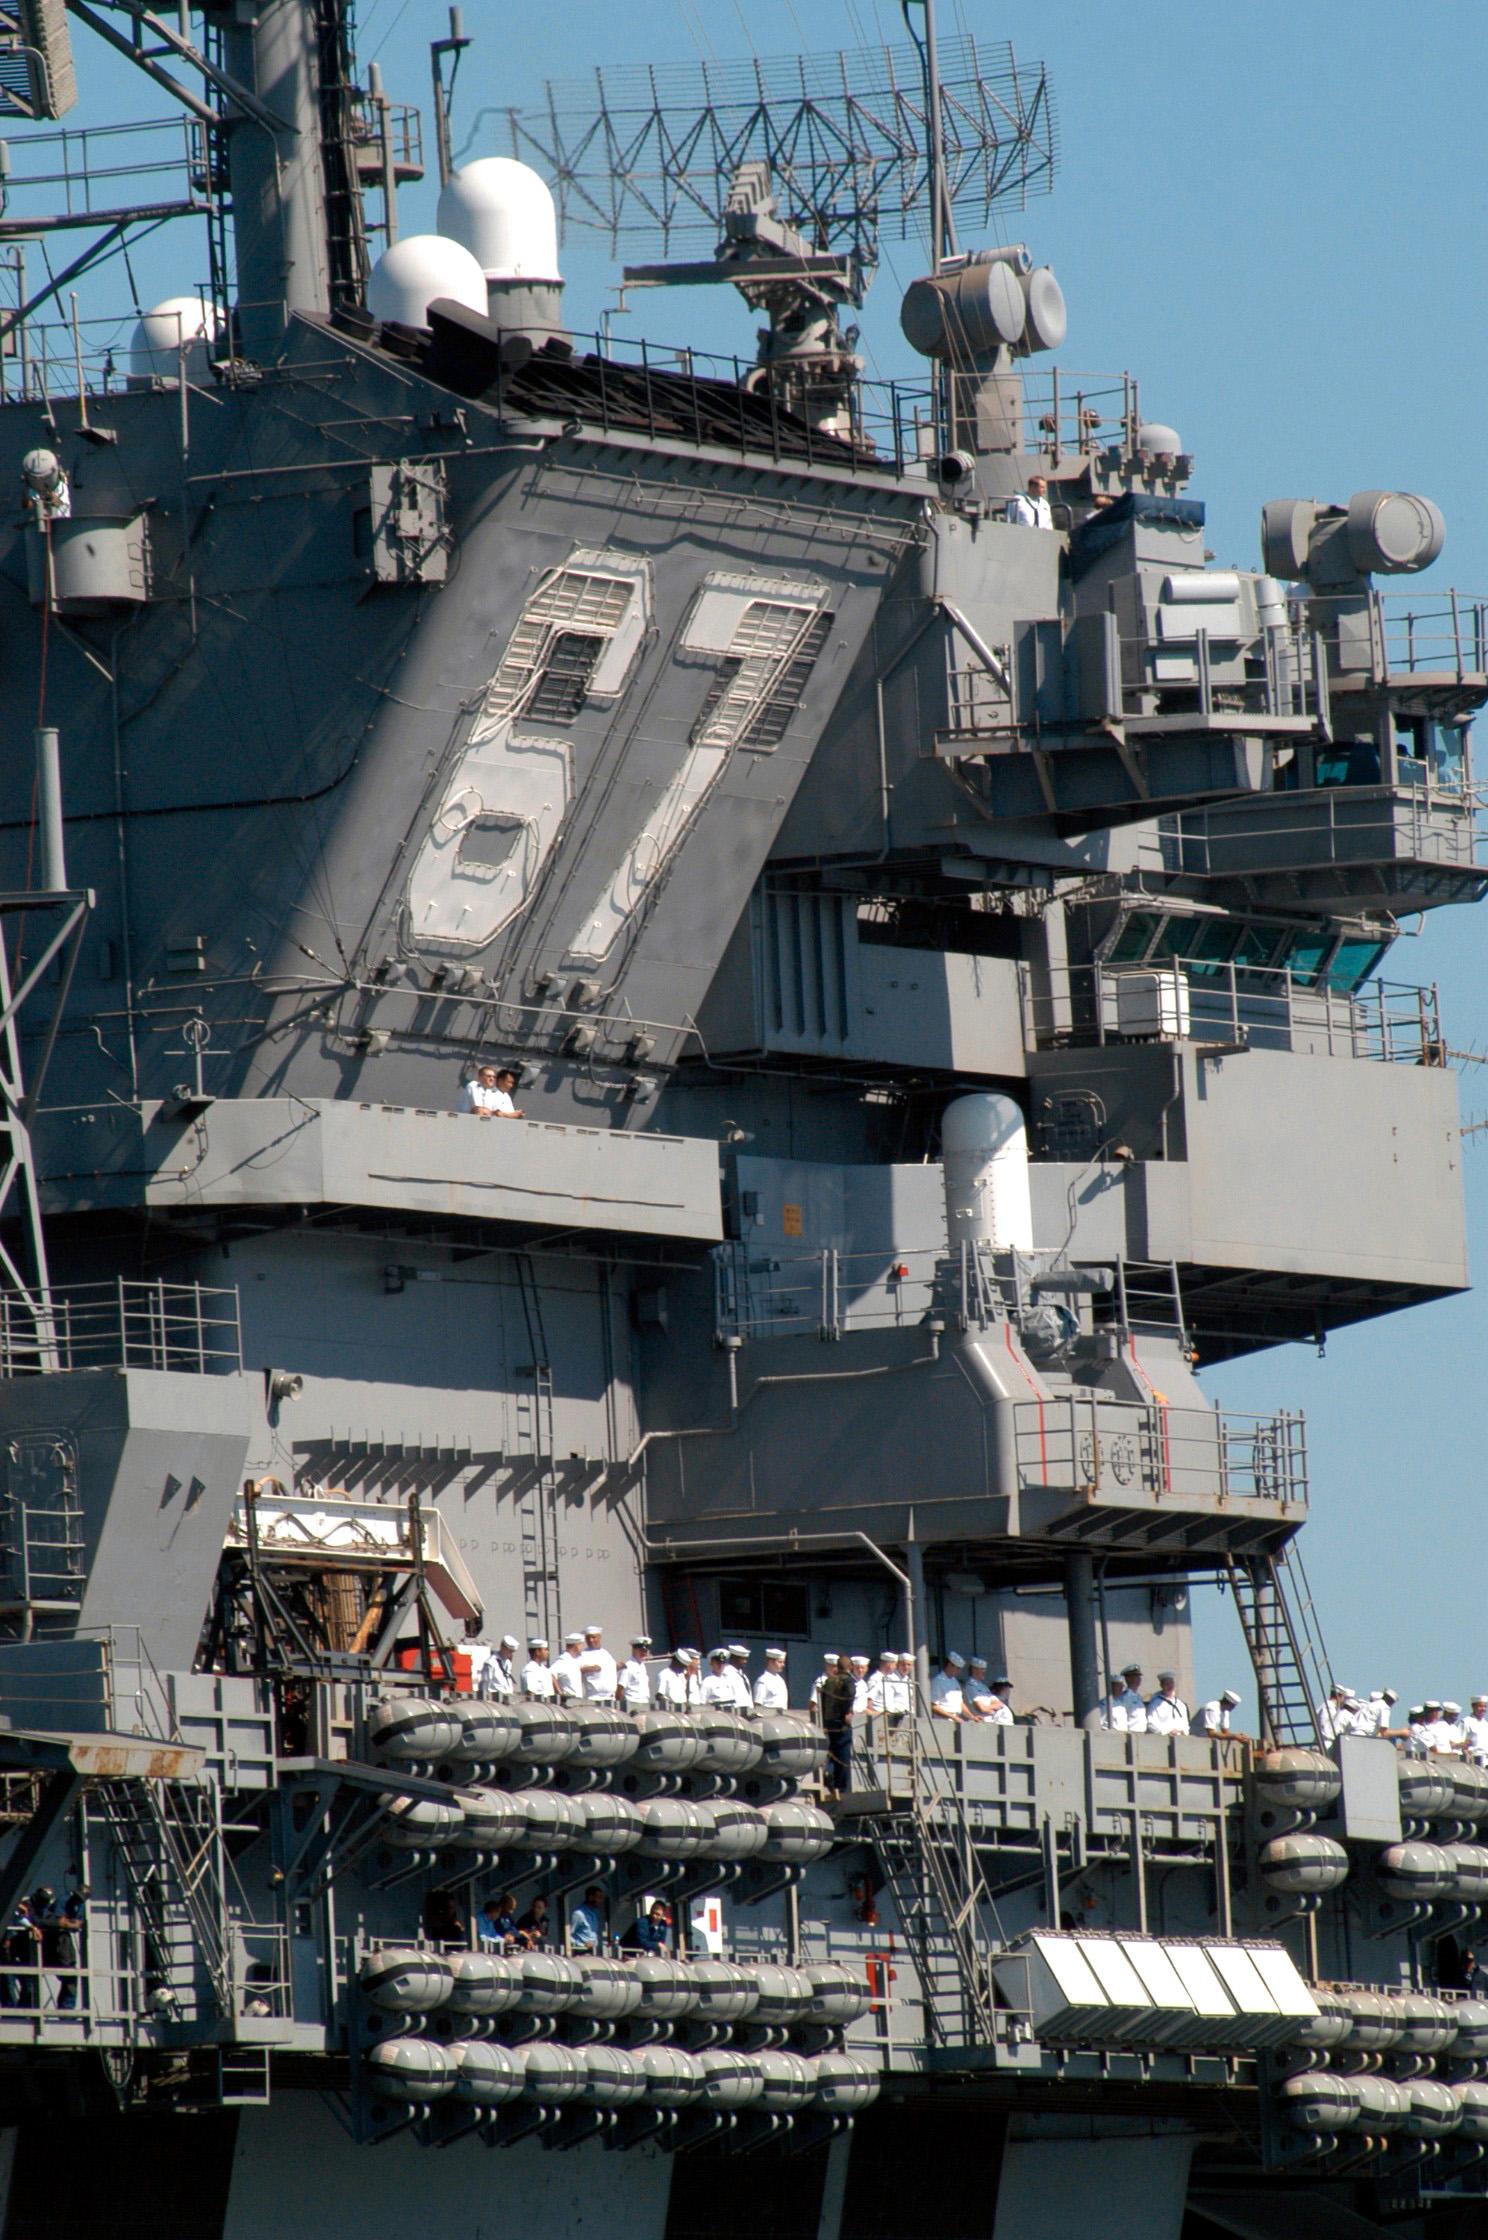 file uss john f kennedy cv 67 island outboard 2004 jpg wikimedia